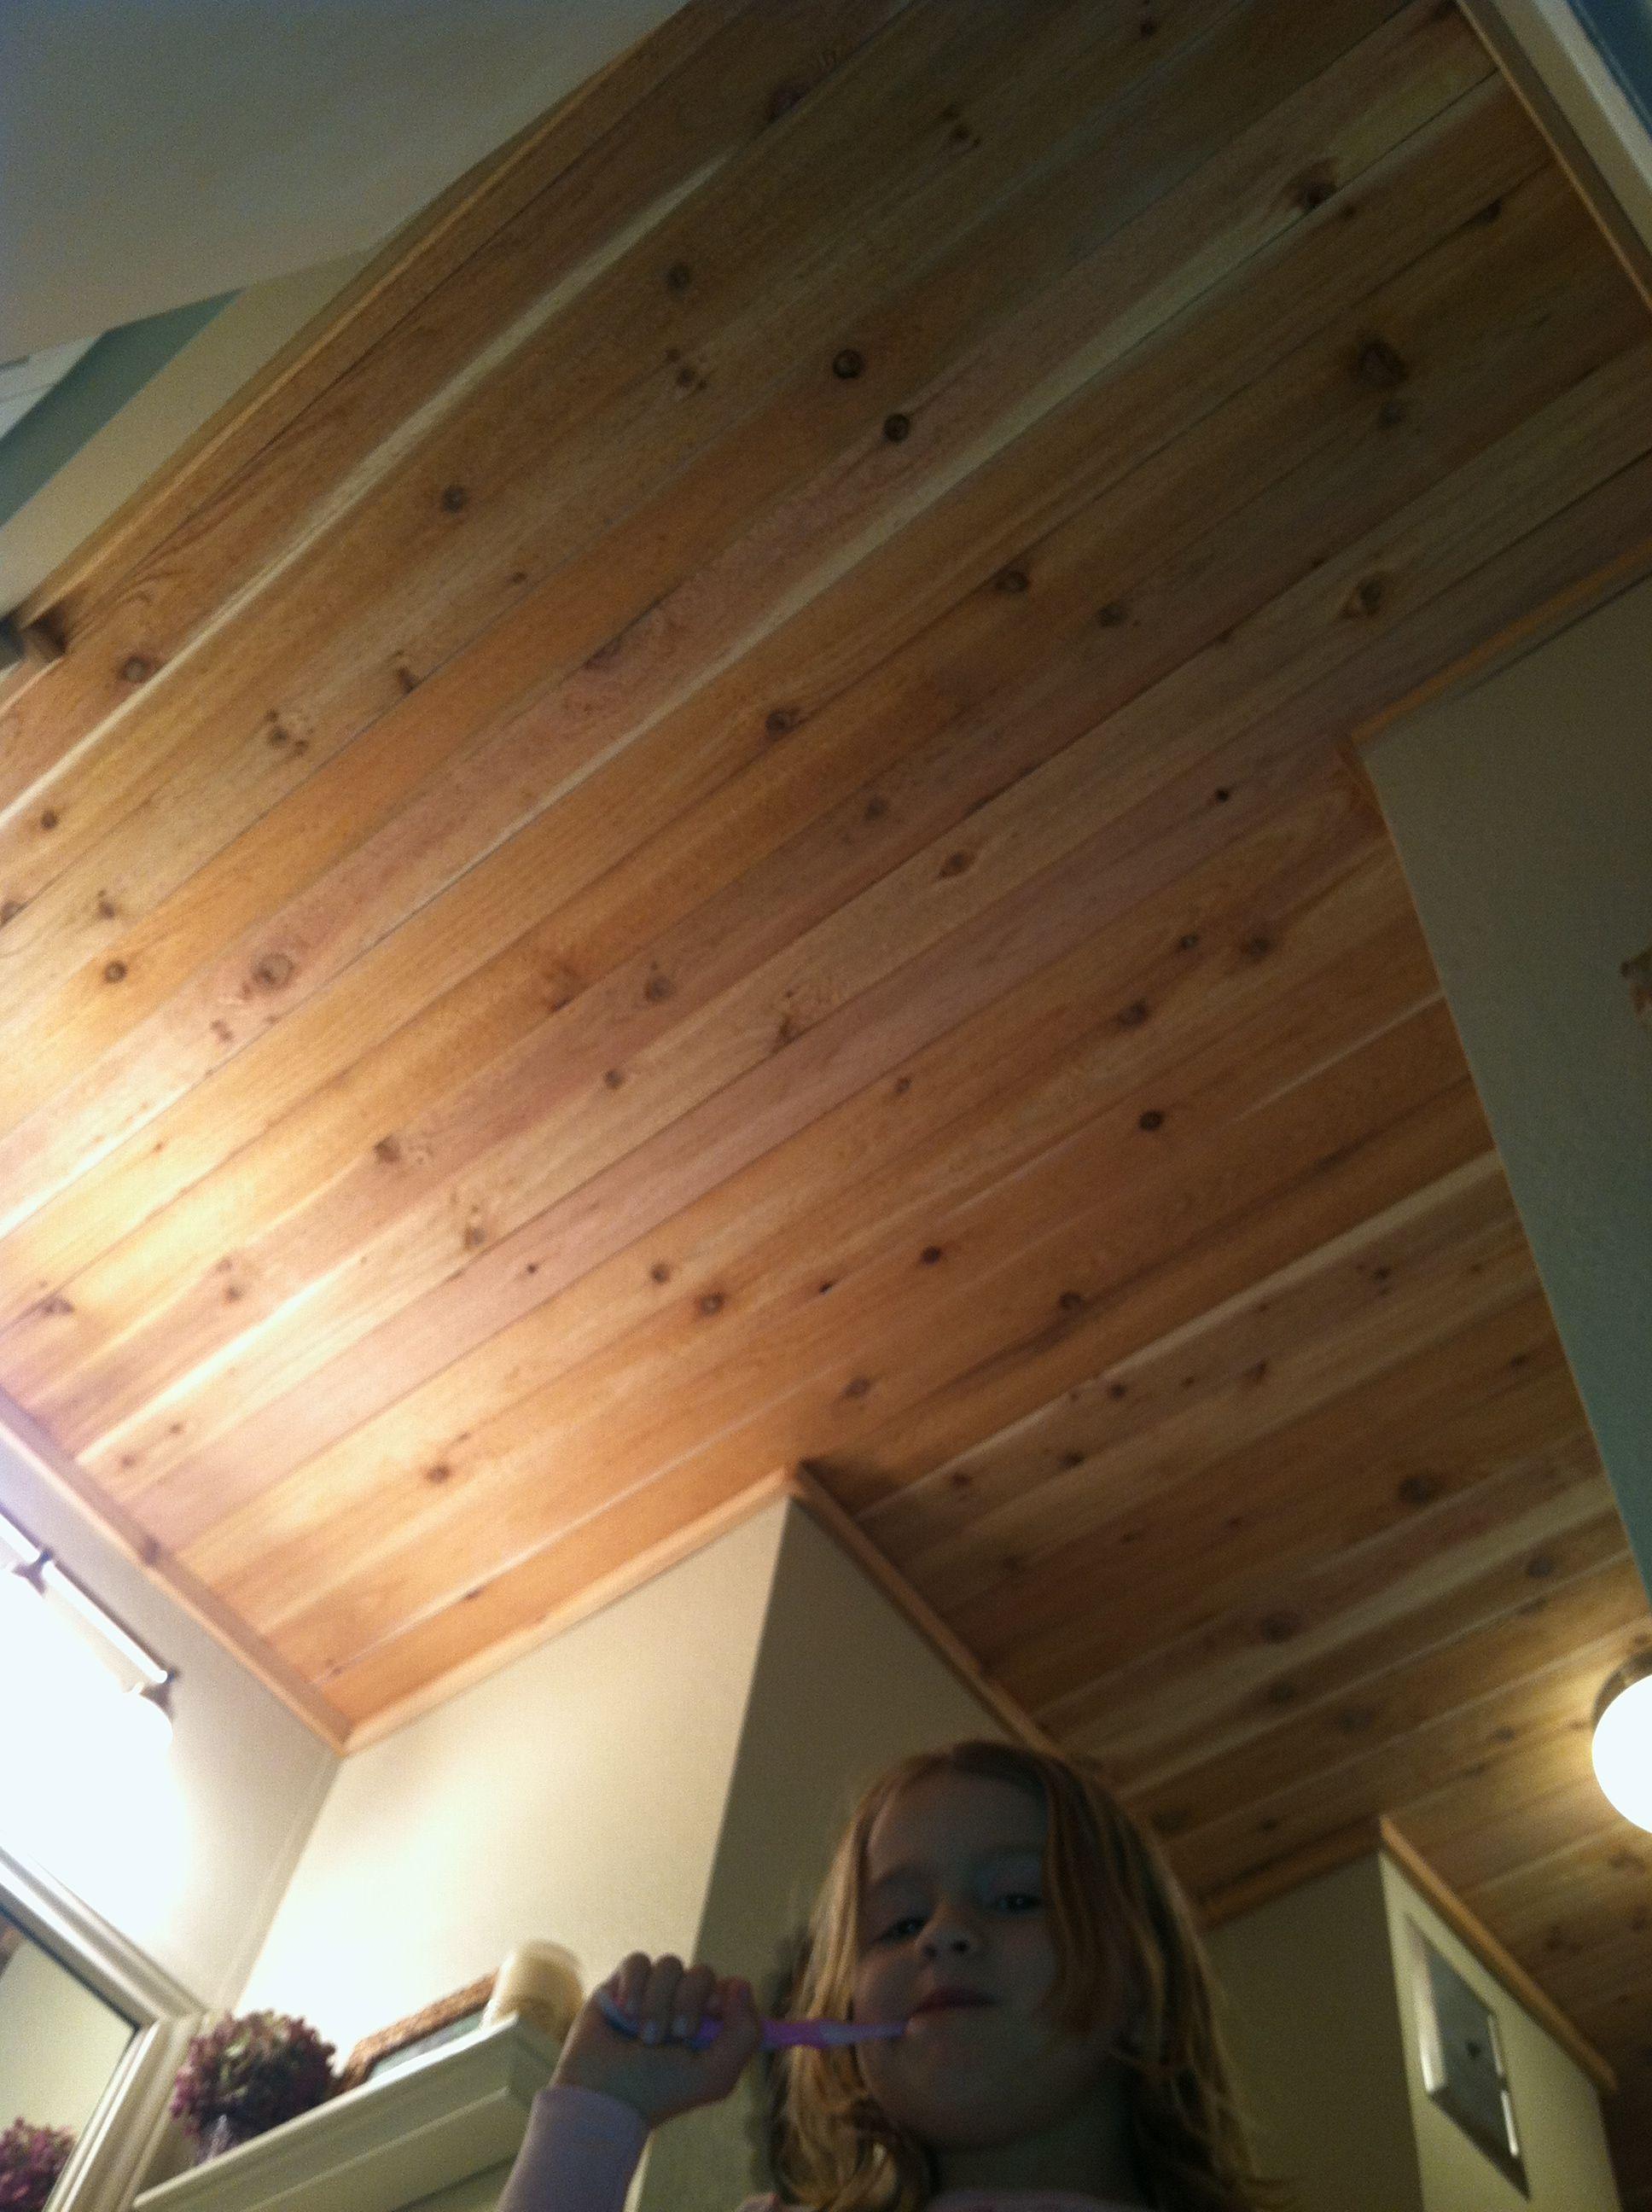 Cedar Plank Bathroom Ceiling And A Cute Face Bathroom Ceiling Small Bathroom Kitchen Bathroom Remodel